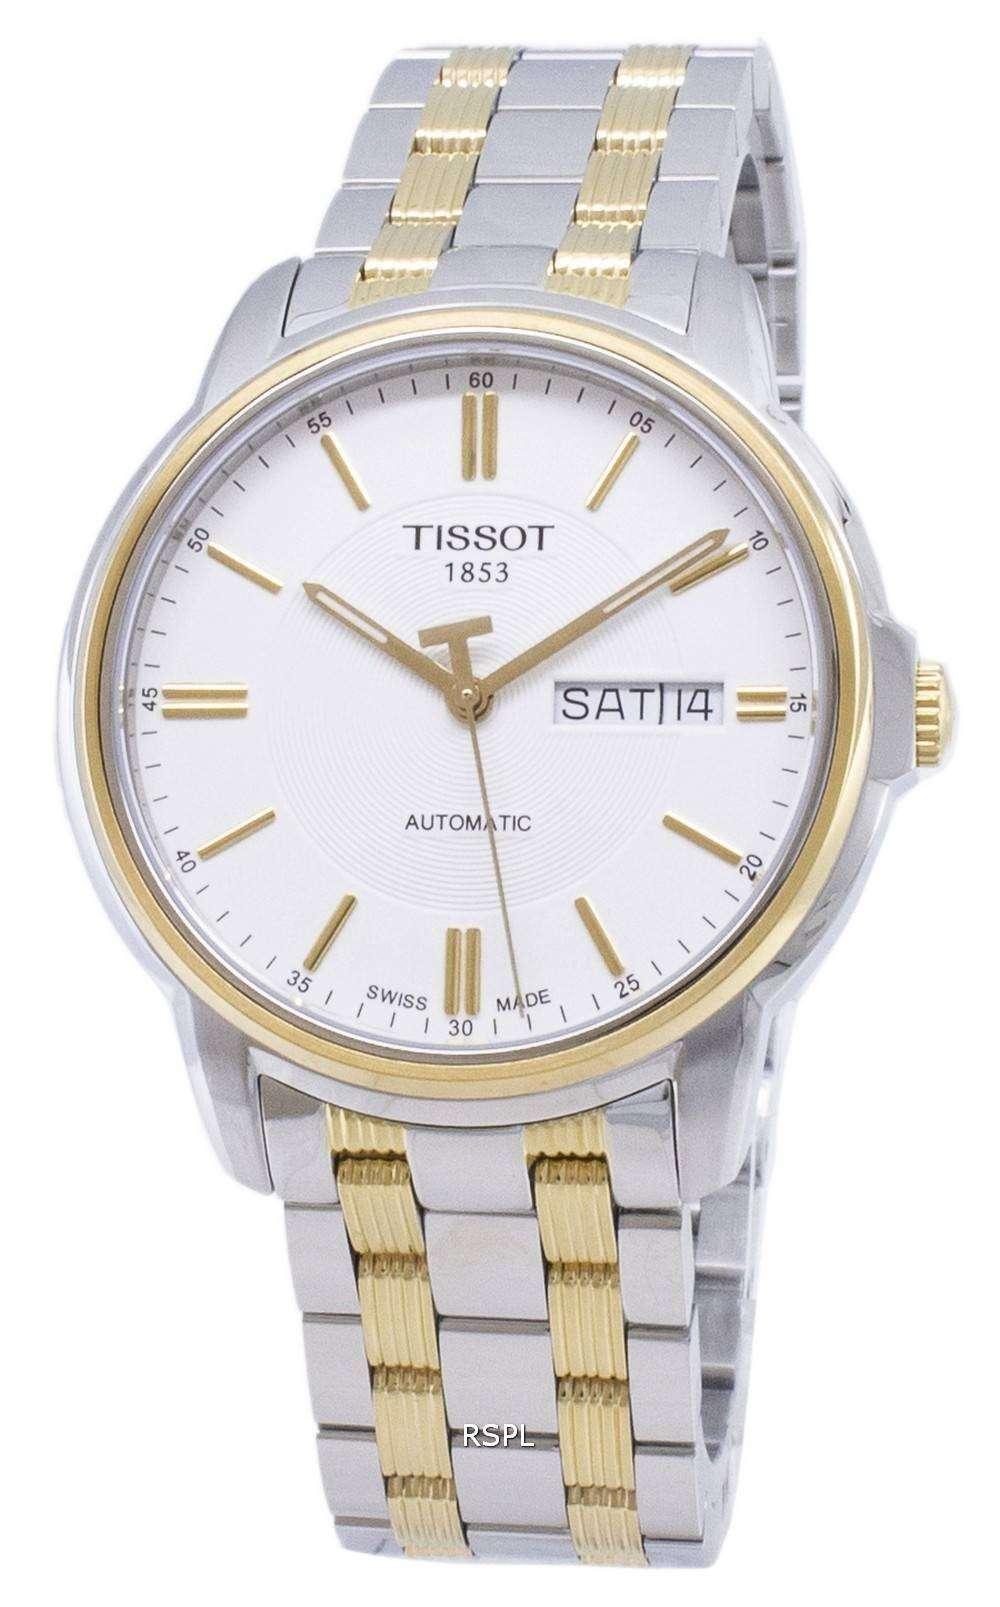 ティソ T-クラシック自動 III T 065.430.22.031.00 T0654302203100 アナログメンズ腕時計